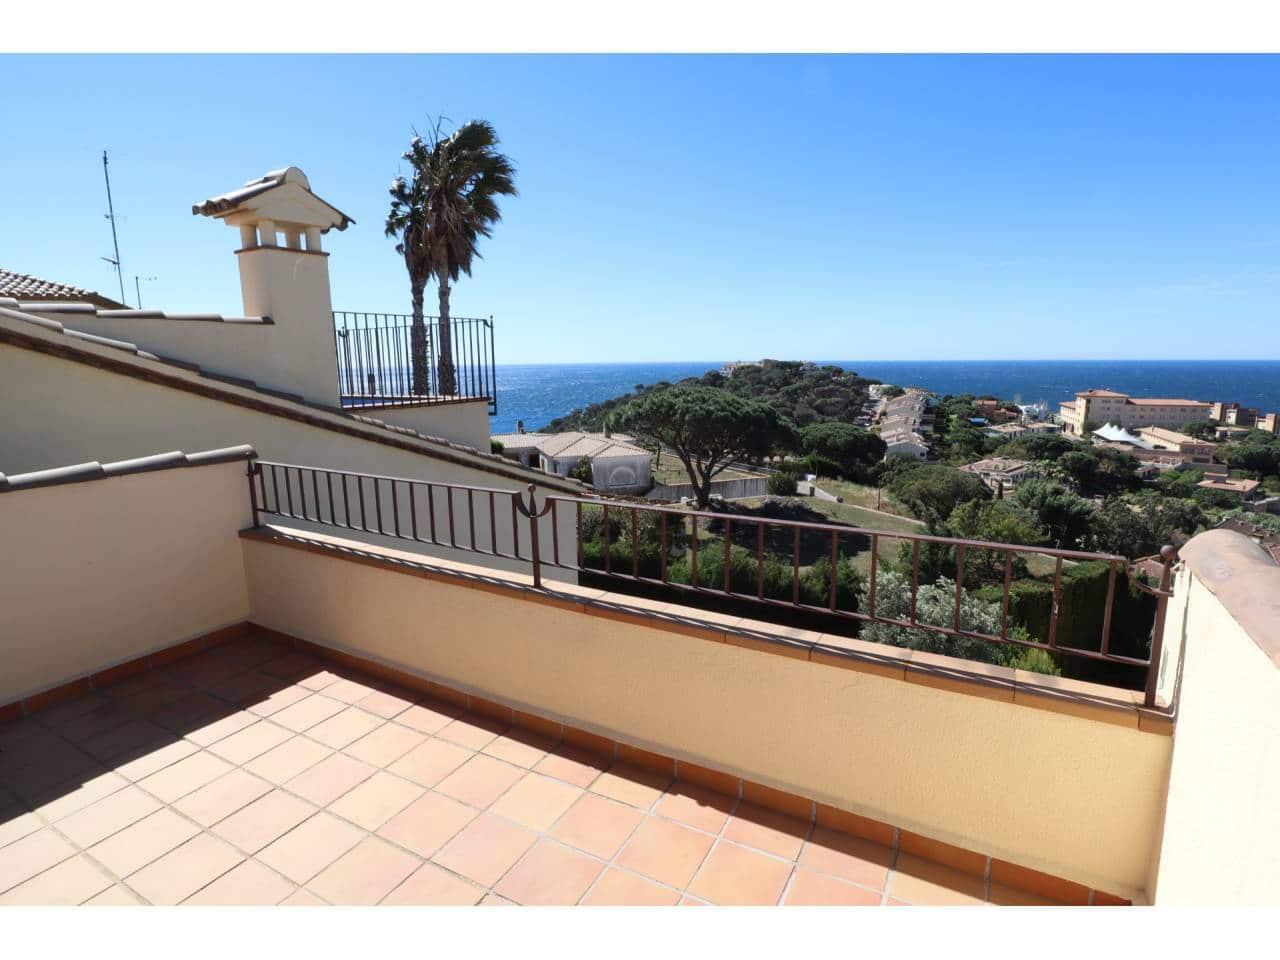 4 sypialnia Dom szeregowy na sprzedaż w Sant Feliu de Guixols - 499 950 € (Ref: 4471095)